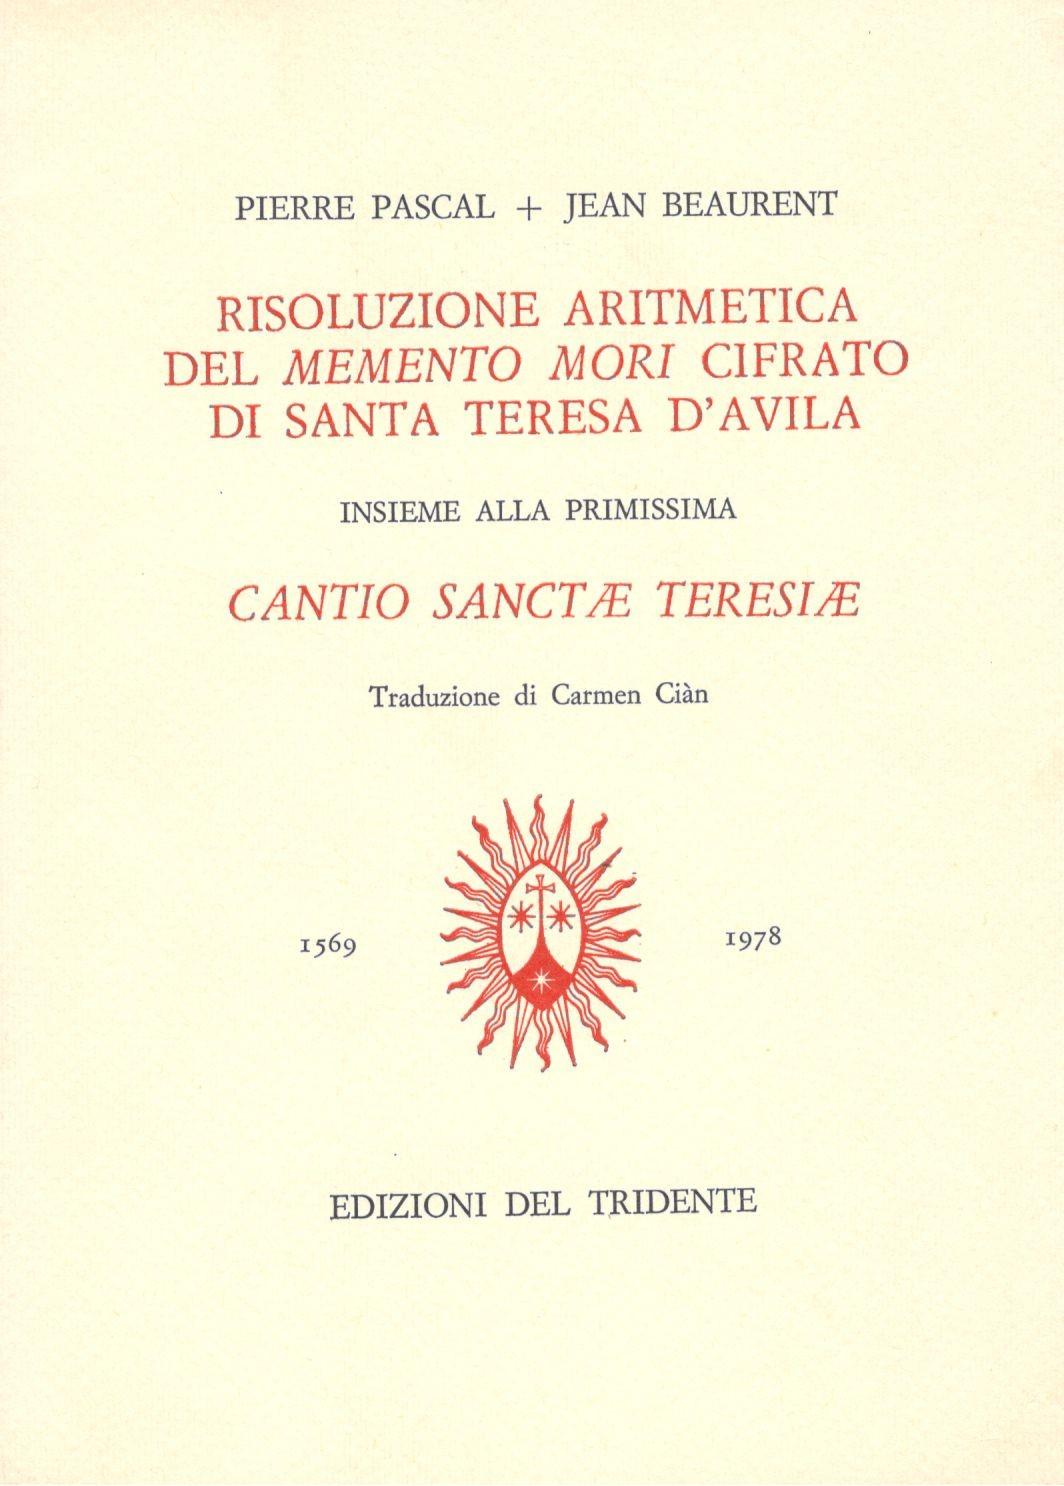 Risoluzione Aritmetica del Memento Mori cifrato di Santa Teresa D'Avila